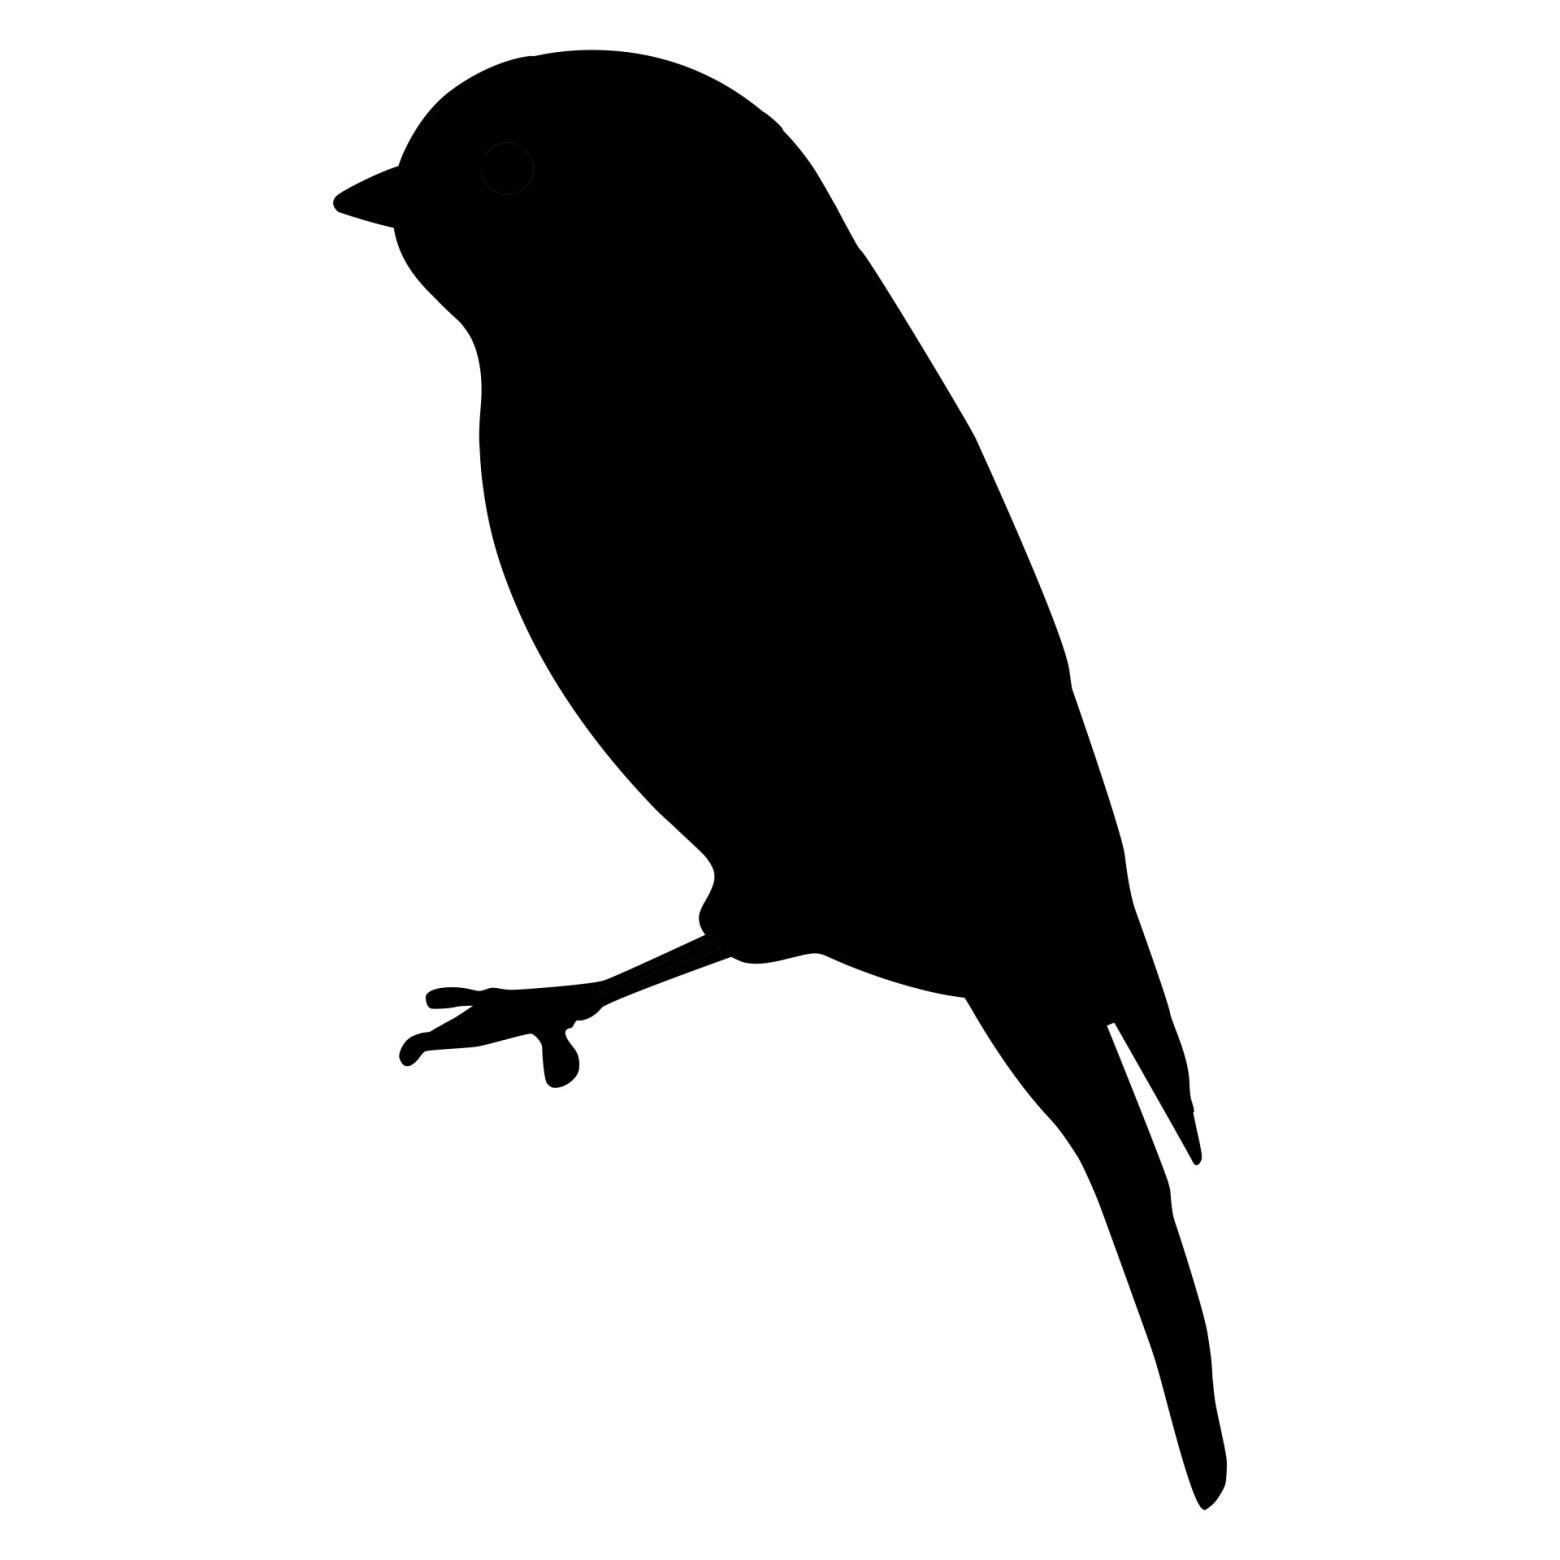 Oiseau Silhouette Clipart Illustration Images Gratuites Images Gratuites Et Libres De Droits